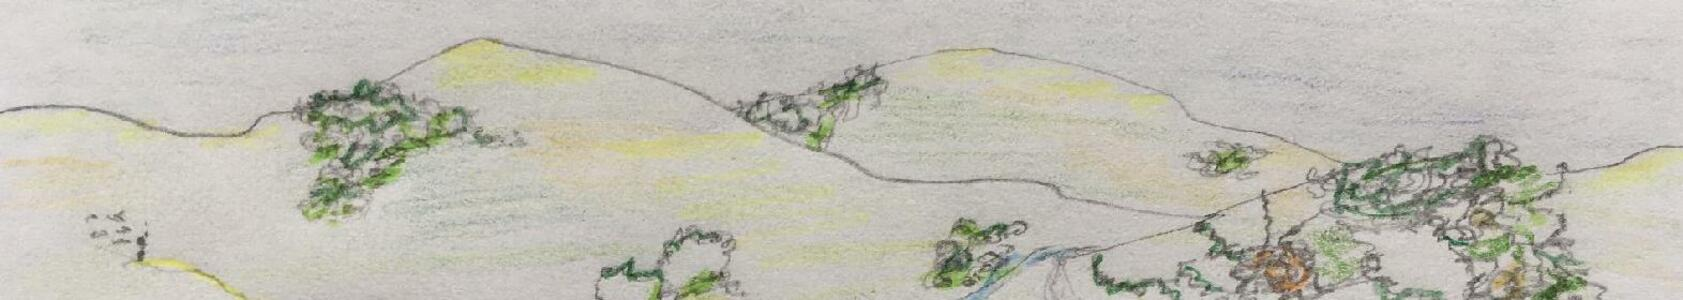 projetecohameauregionsud_dessin-paysage-bandeau-wiki.jpg